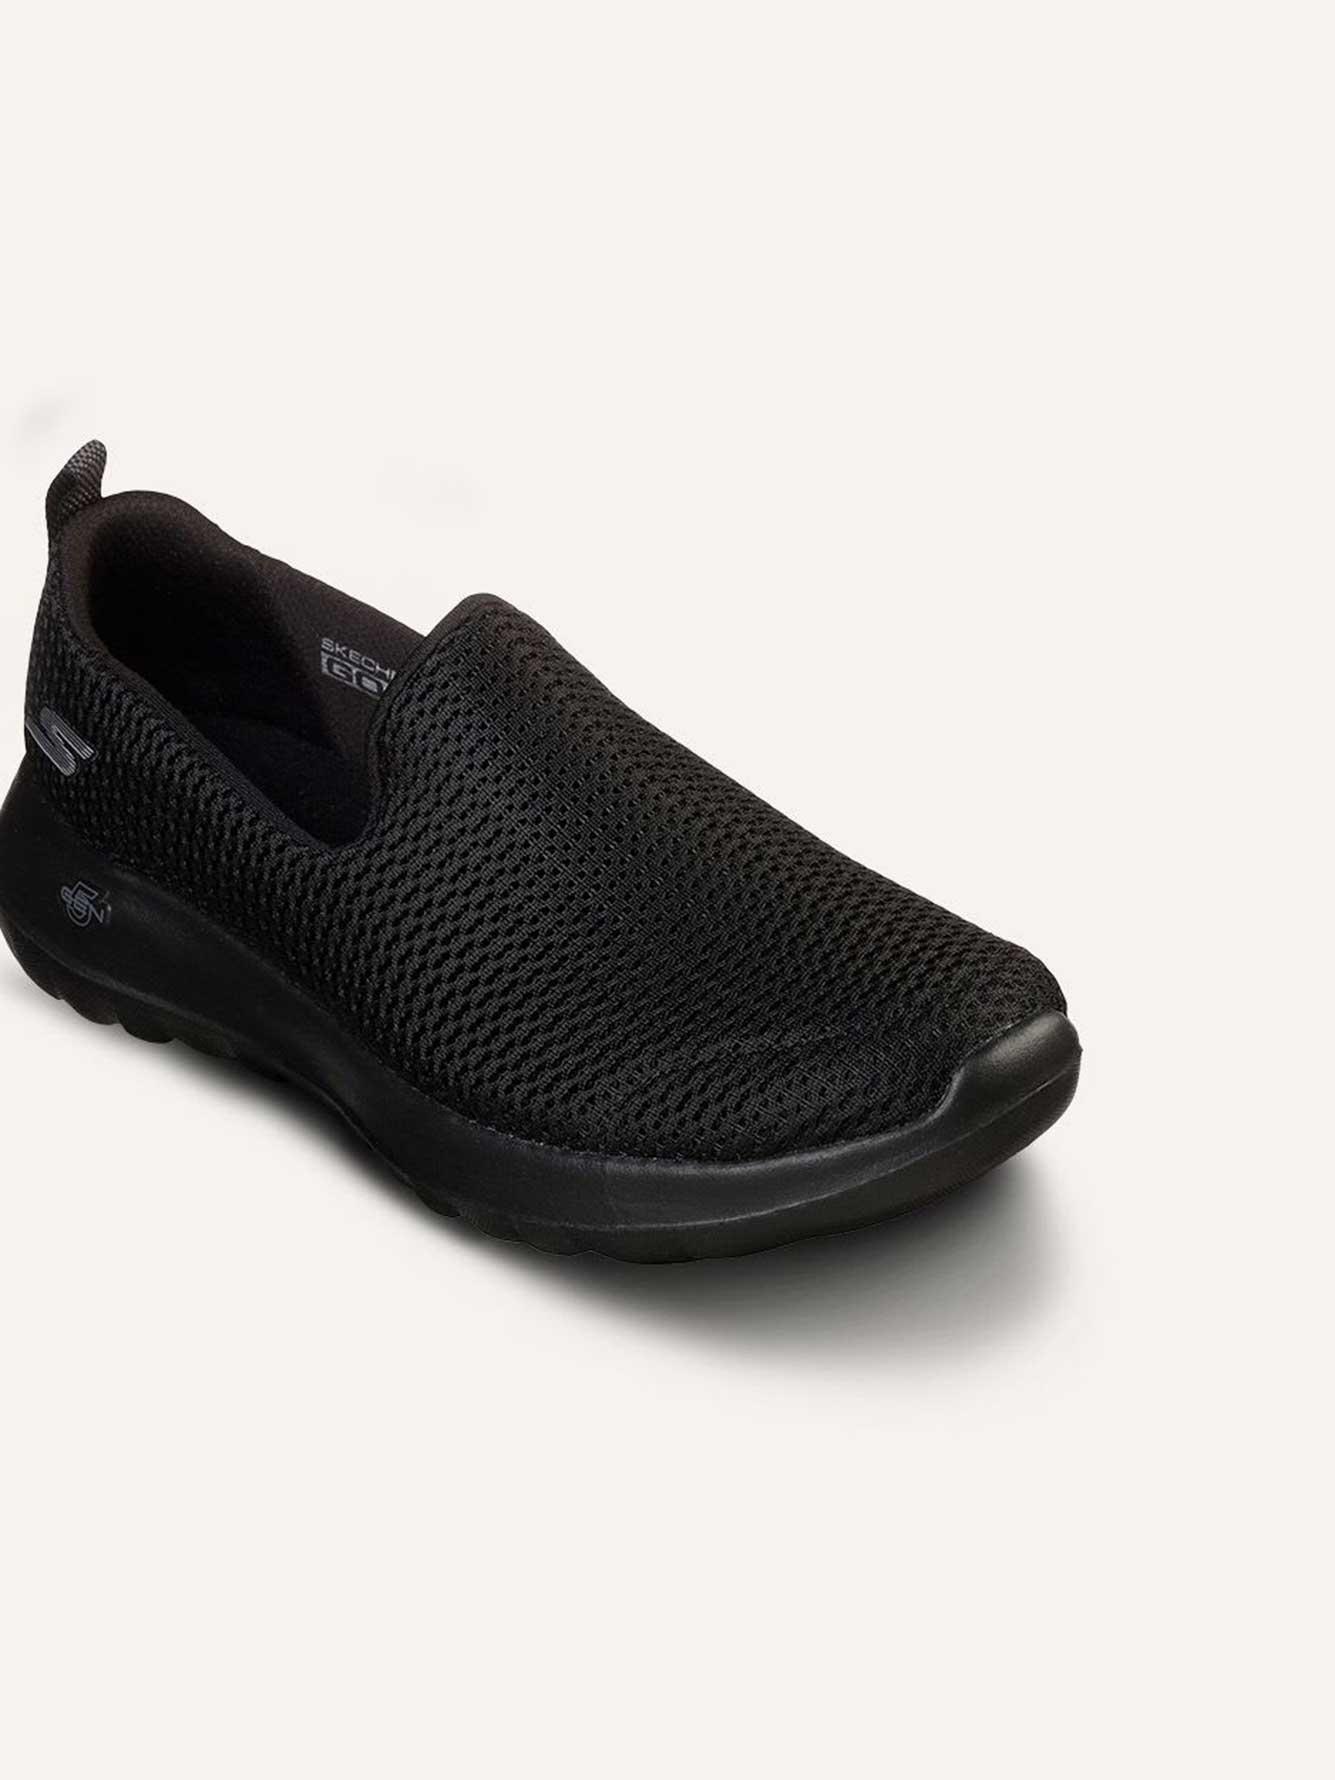 e2cad973eb9 Wide Width GOwalk Joy Mesh Slip On - Skechers